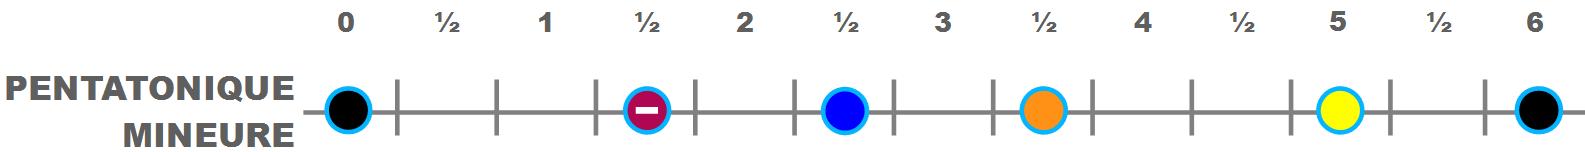 La gamme pentatonique mineure